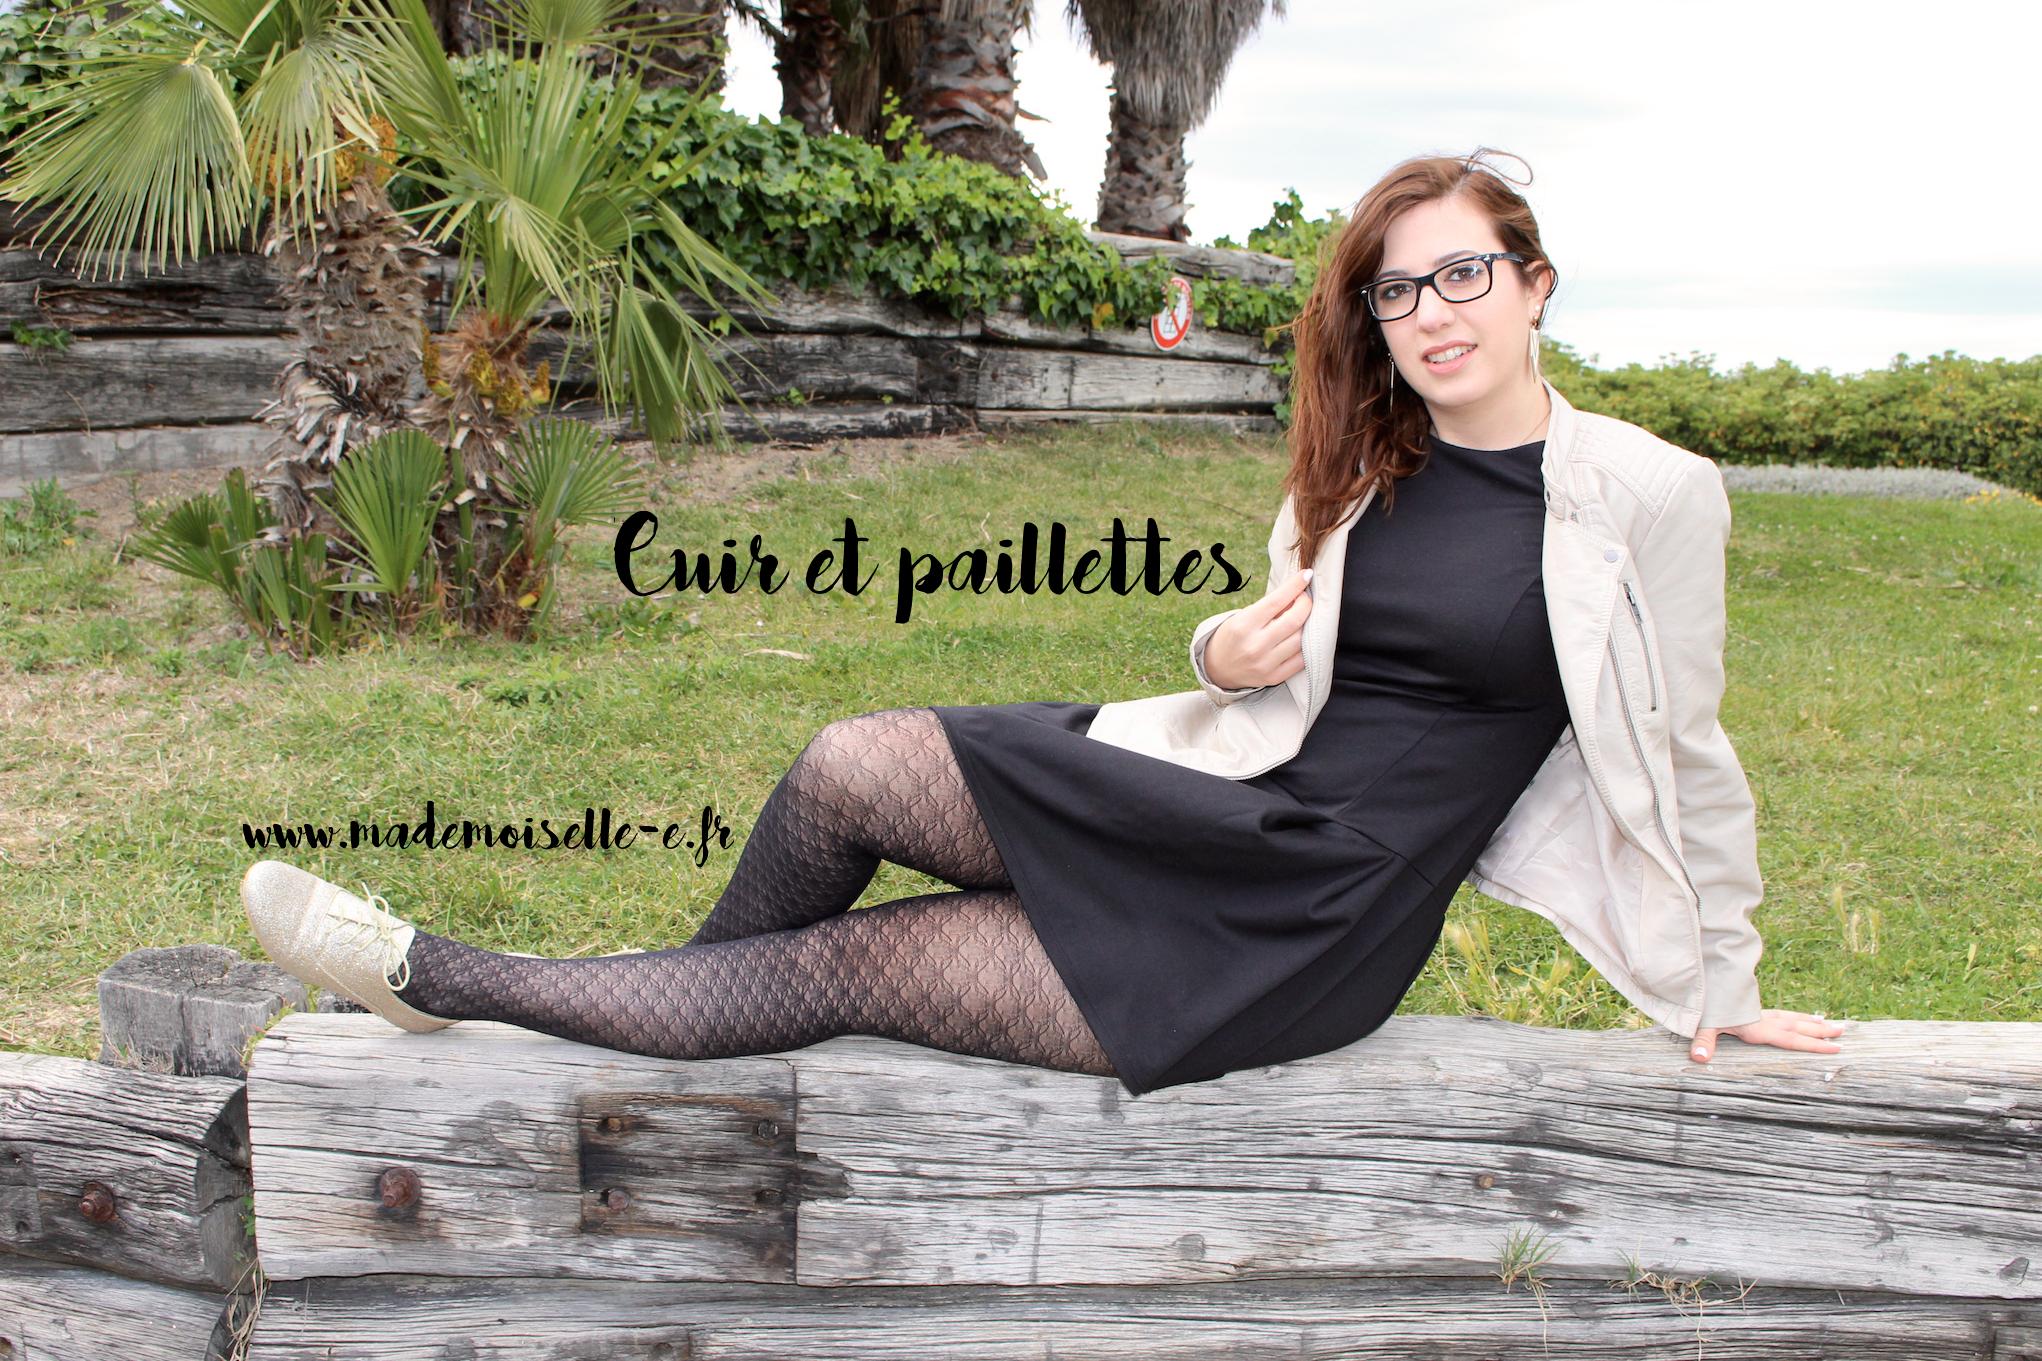 cuir et paillettes presentation_mademoiselle-e